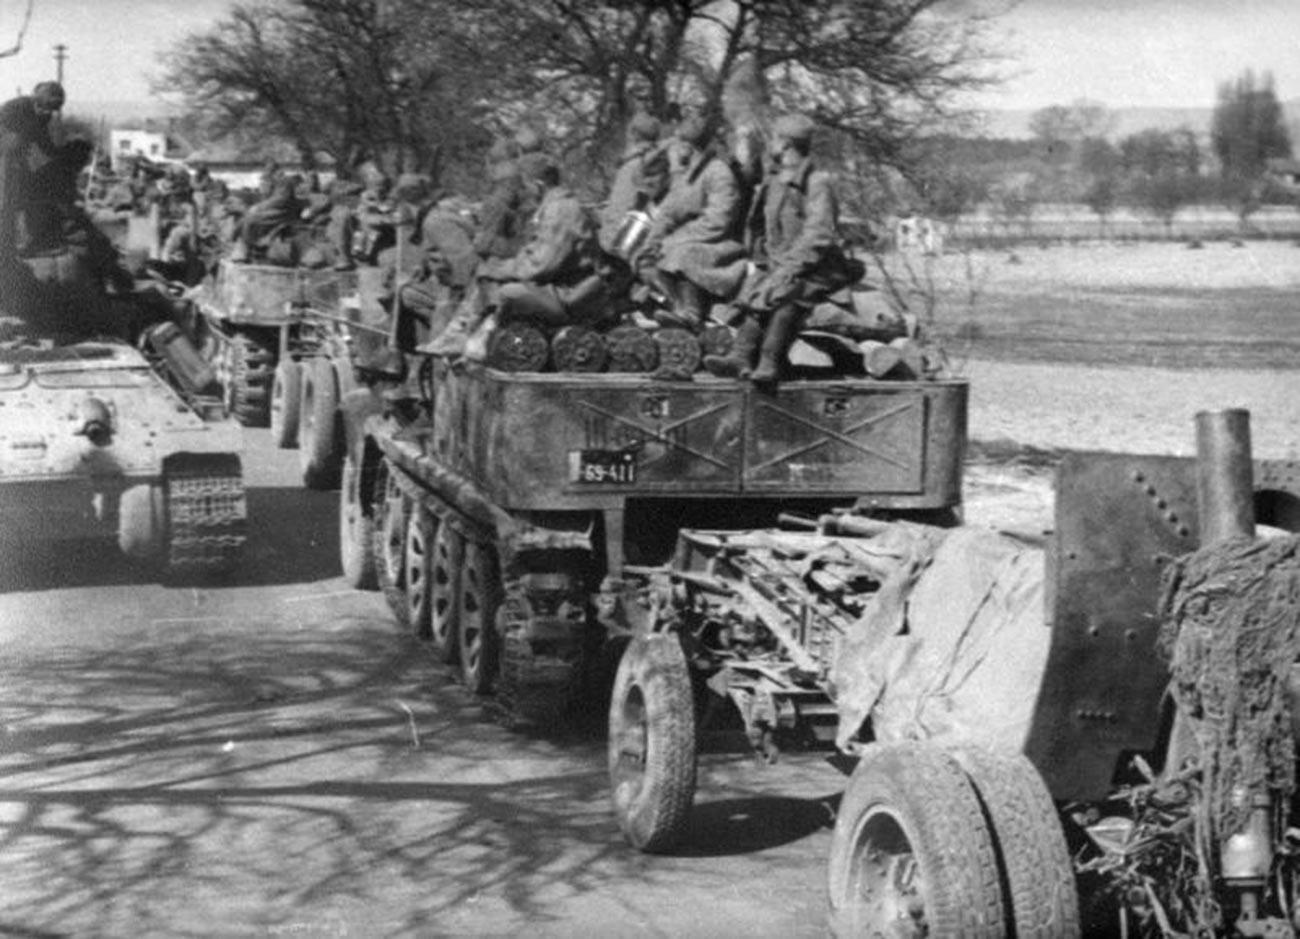 Crvena armija se iz Bratislave kreće prema Beču